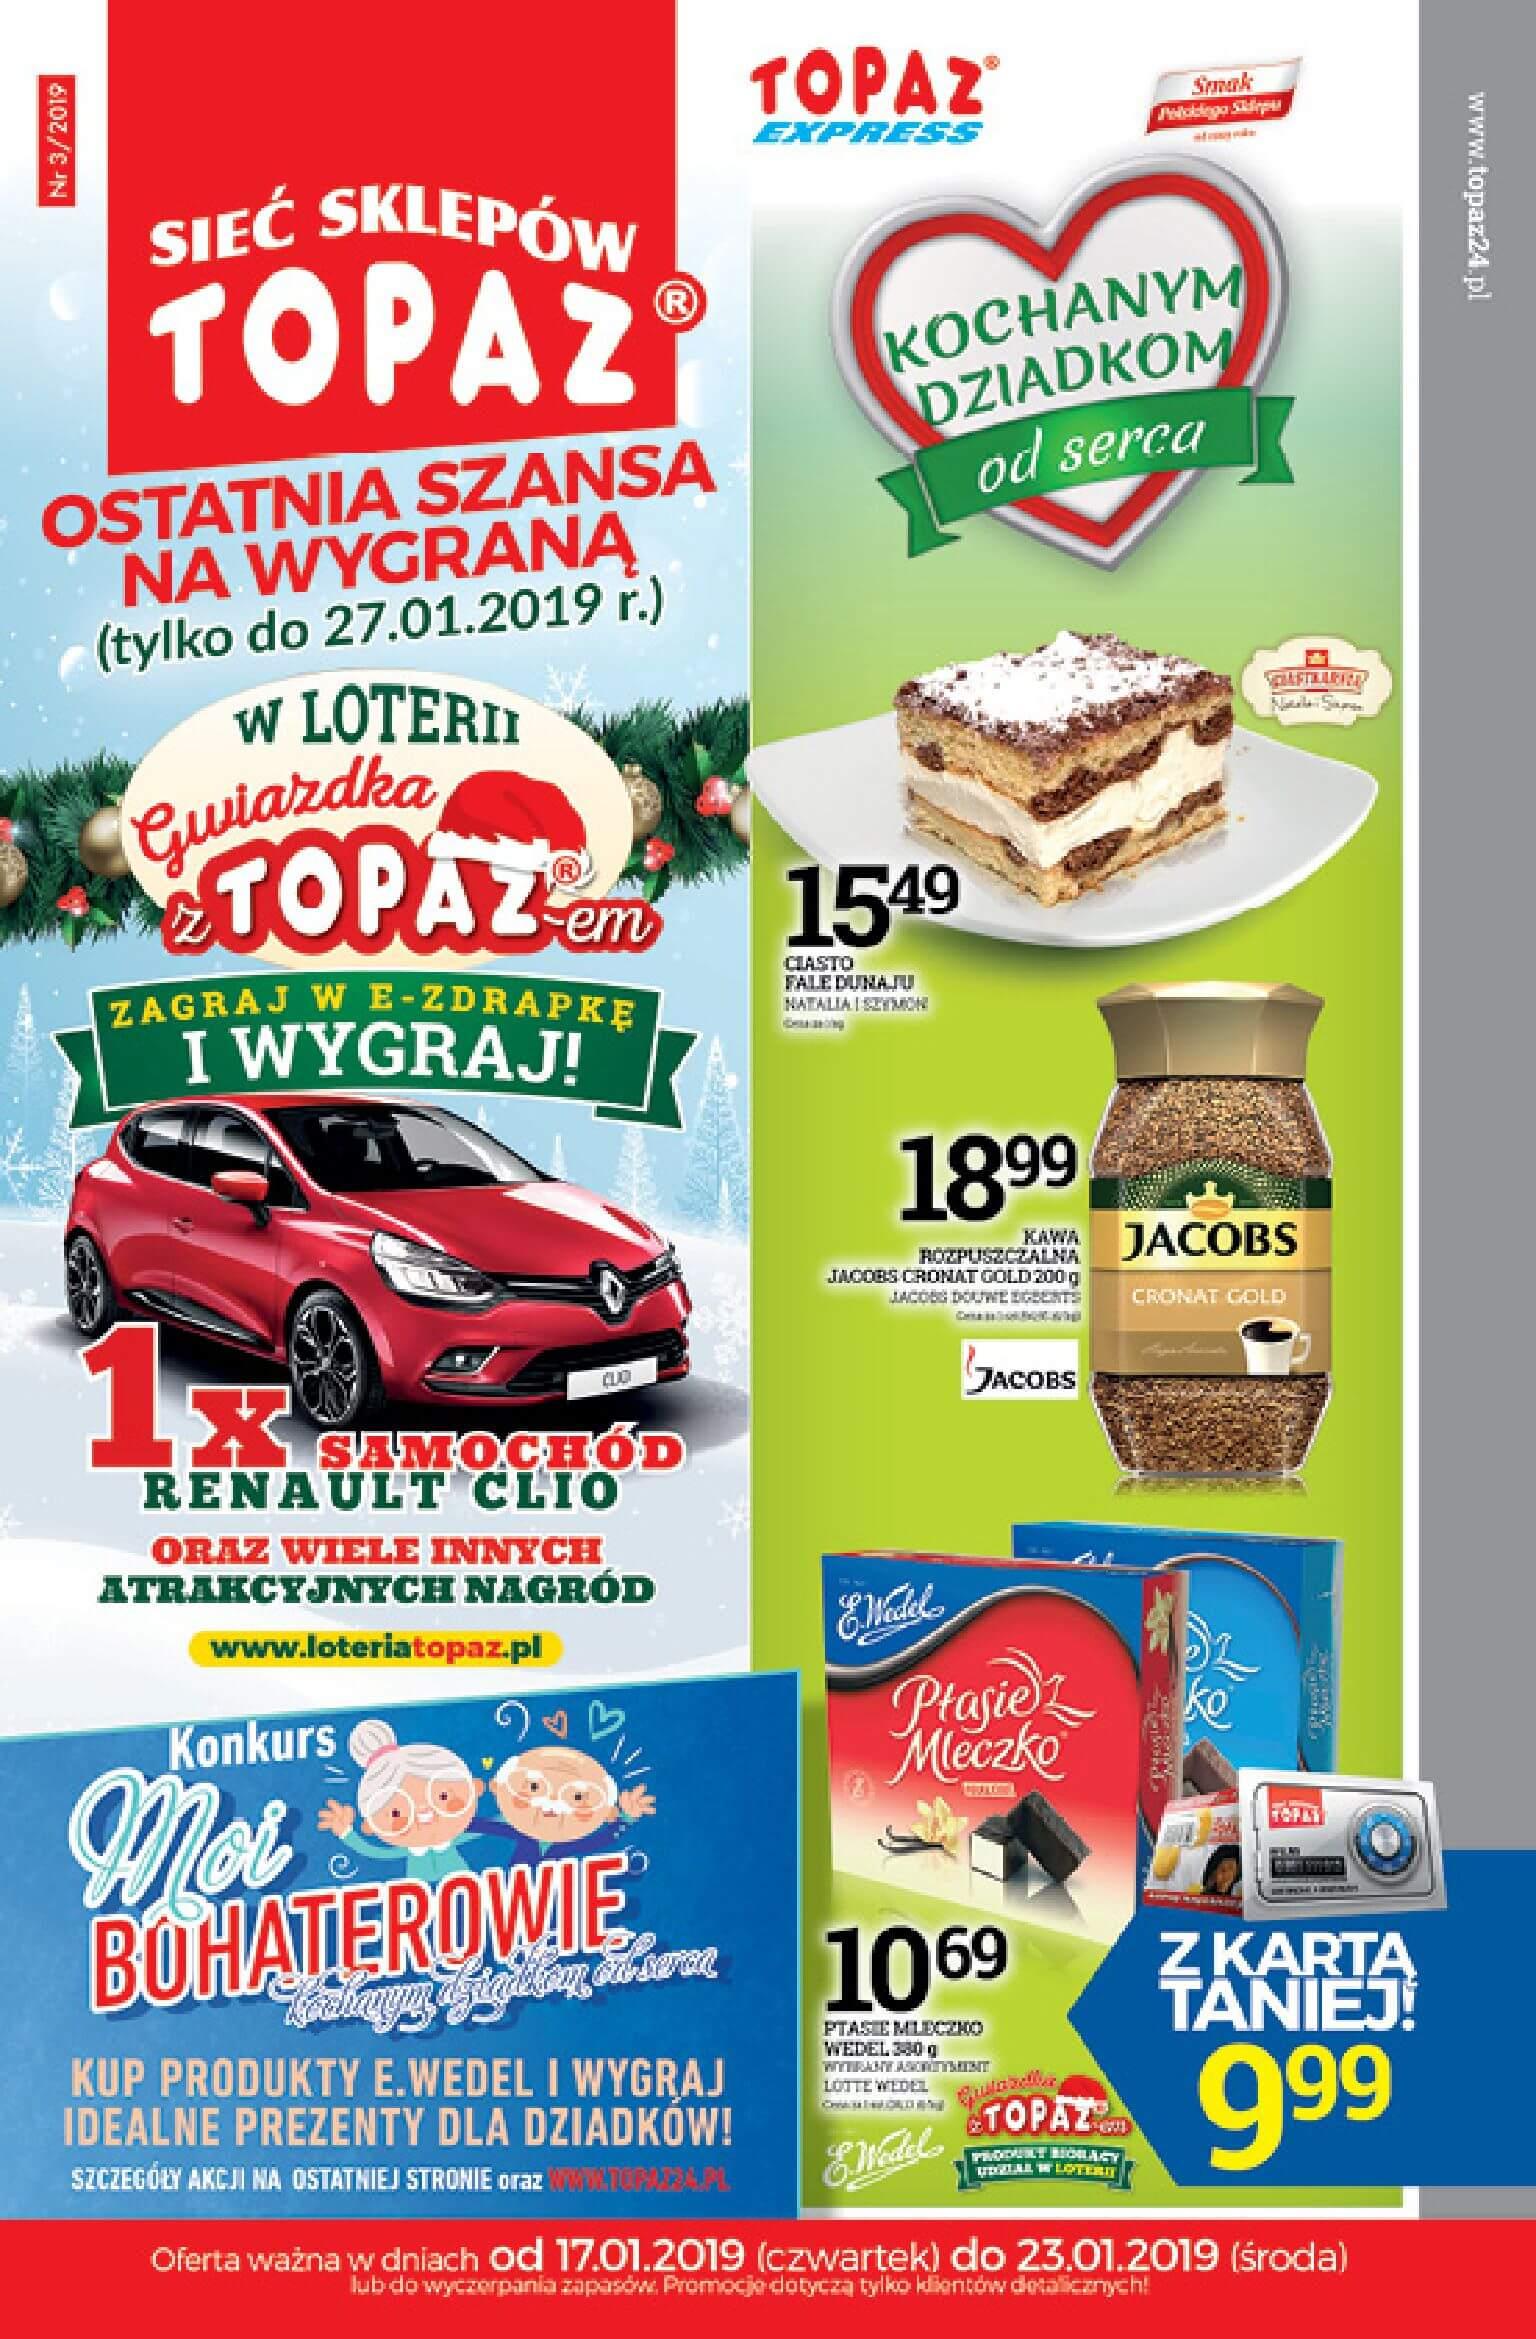 Gazetka TOPAZ - Aktualna gazetka-16.01.2019-23.01.2019-page-